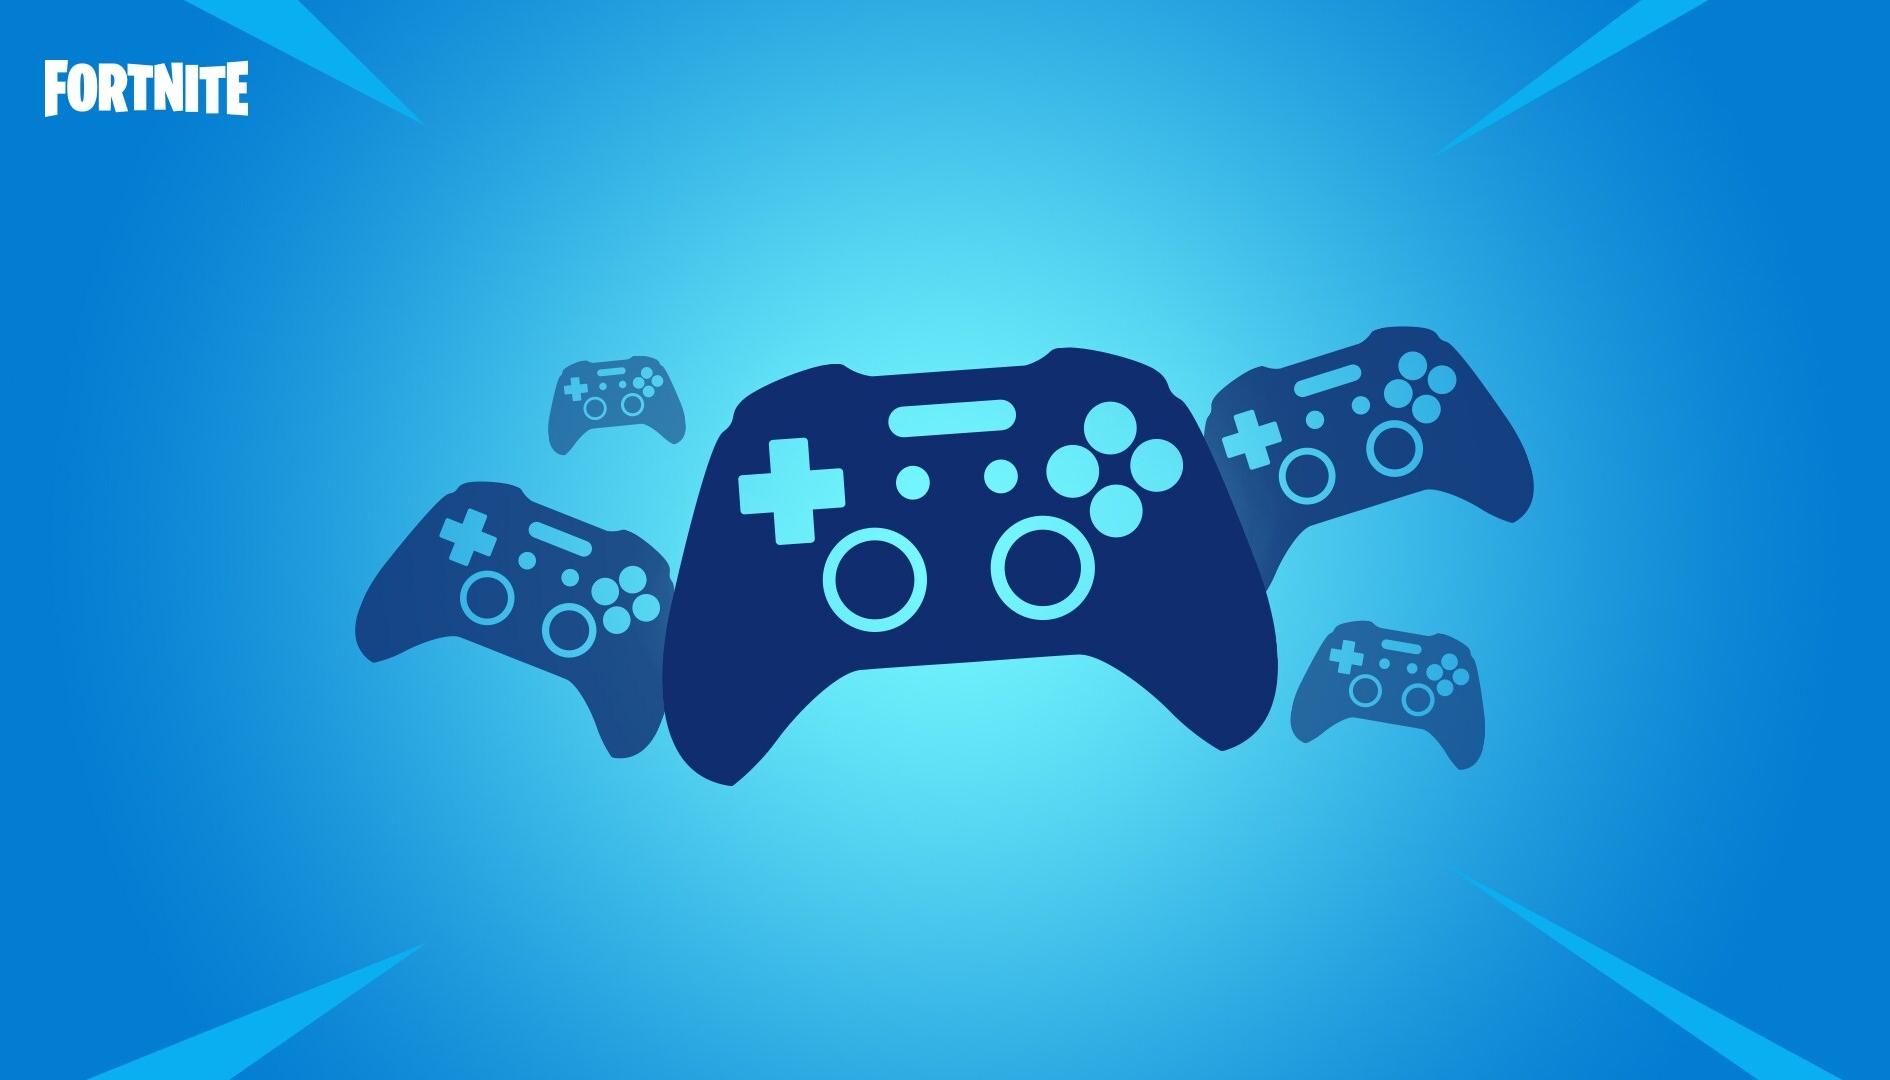 Miglior Controller per giocare a Fortnite